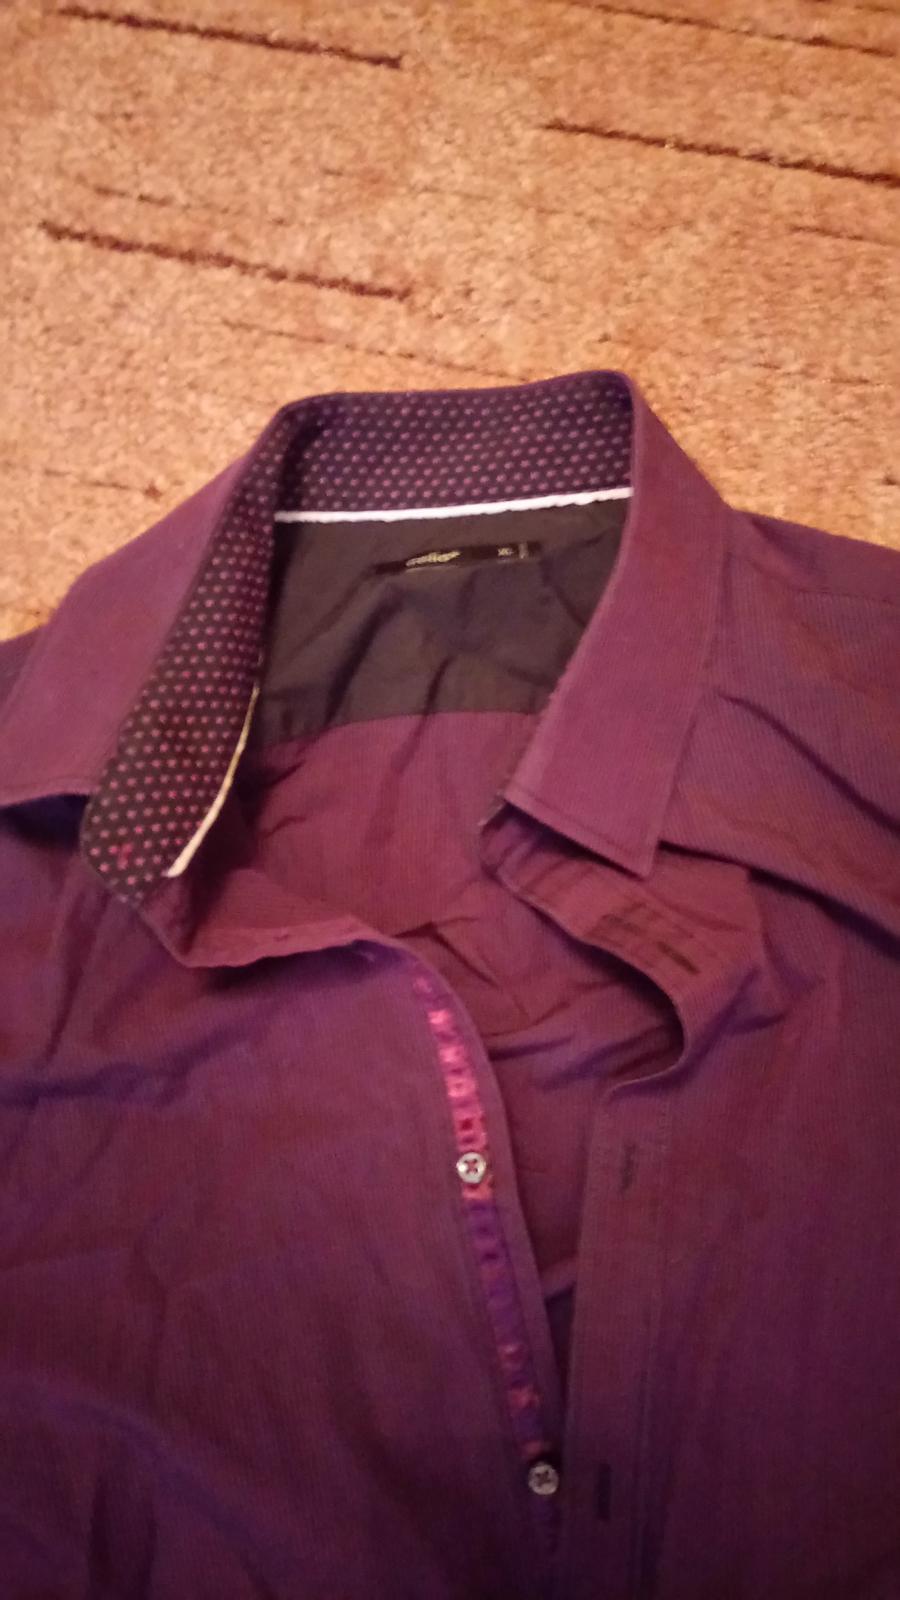 Fialová košeľa - Celio - Obrázok č. 2